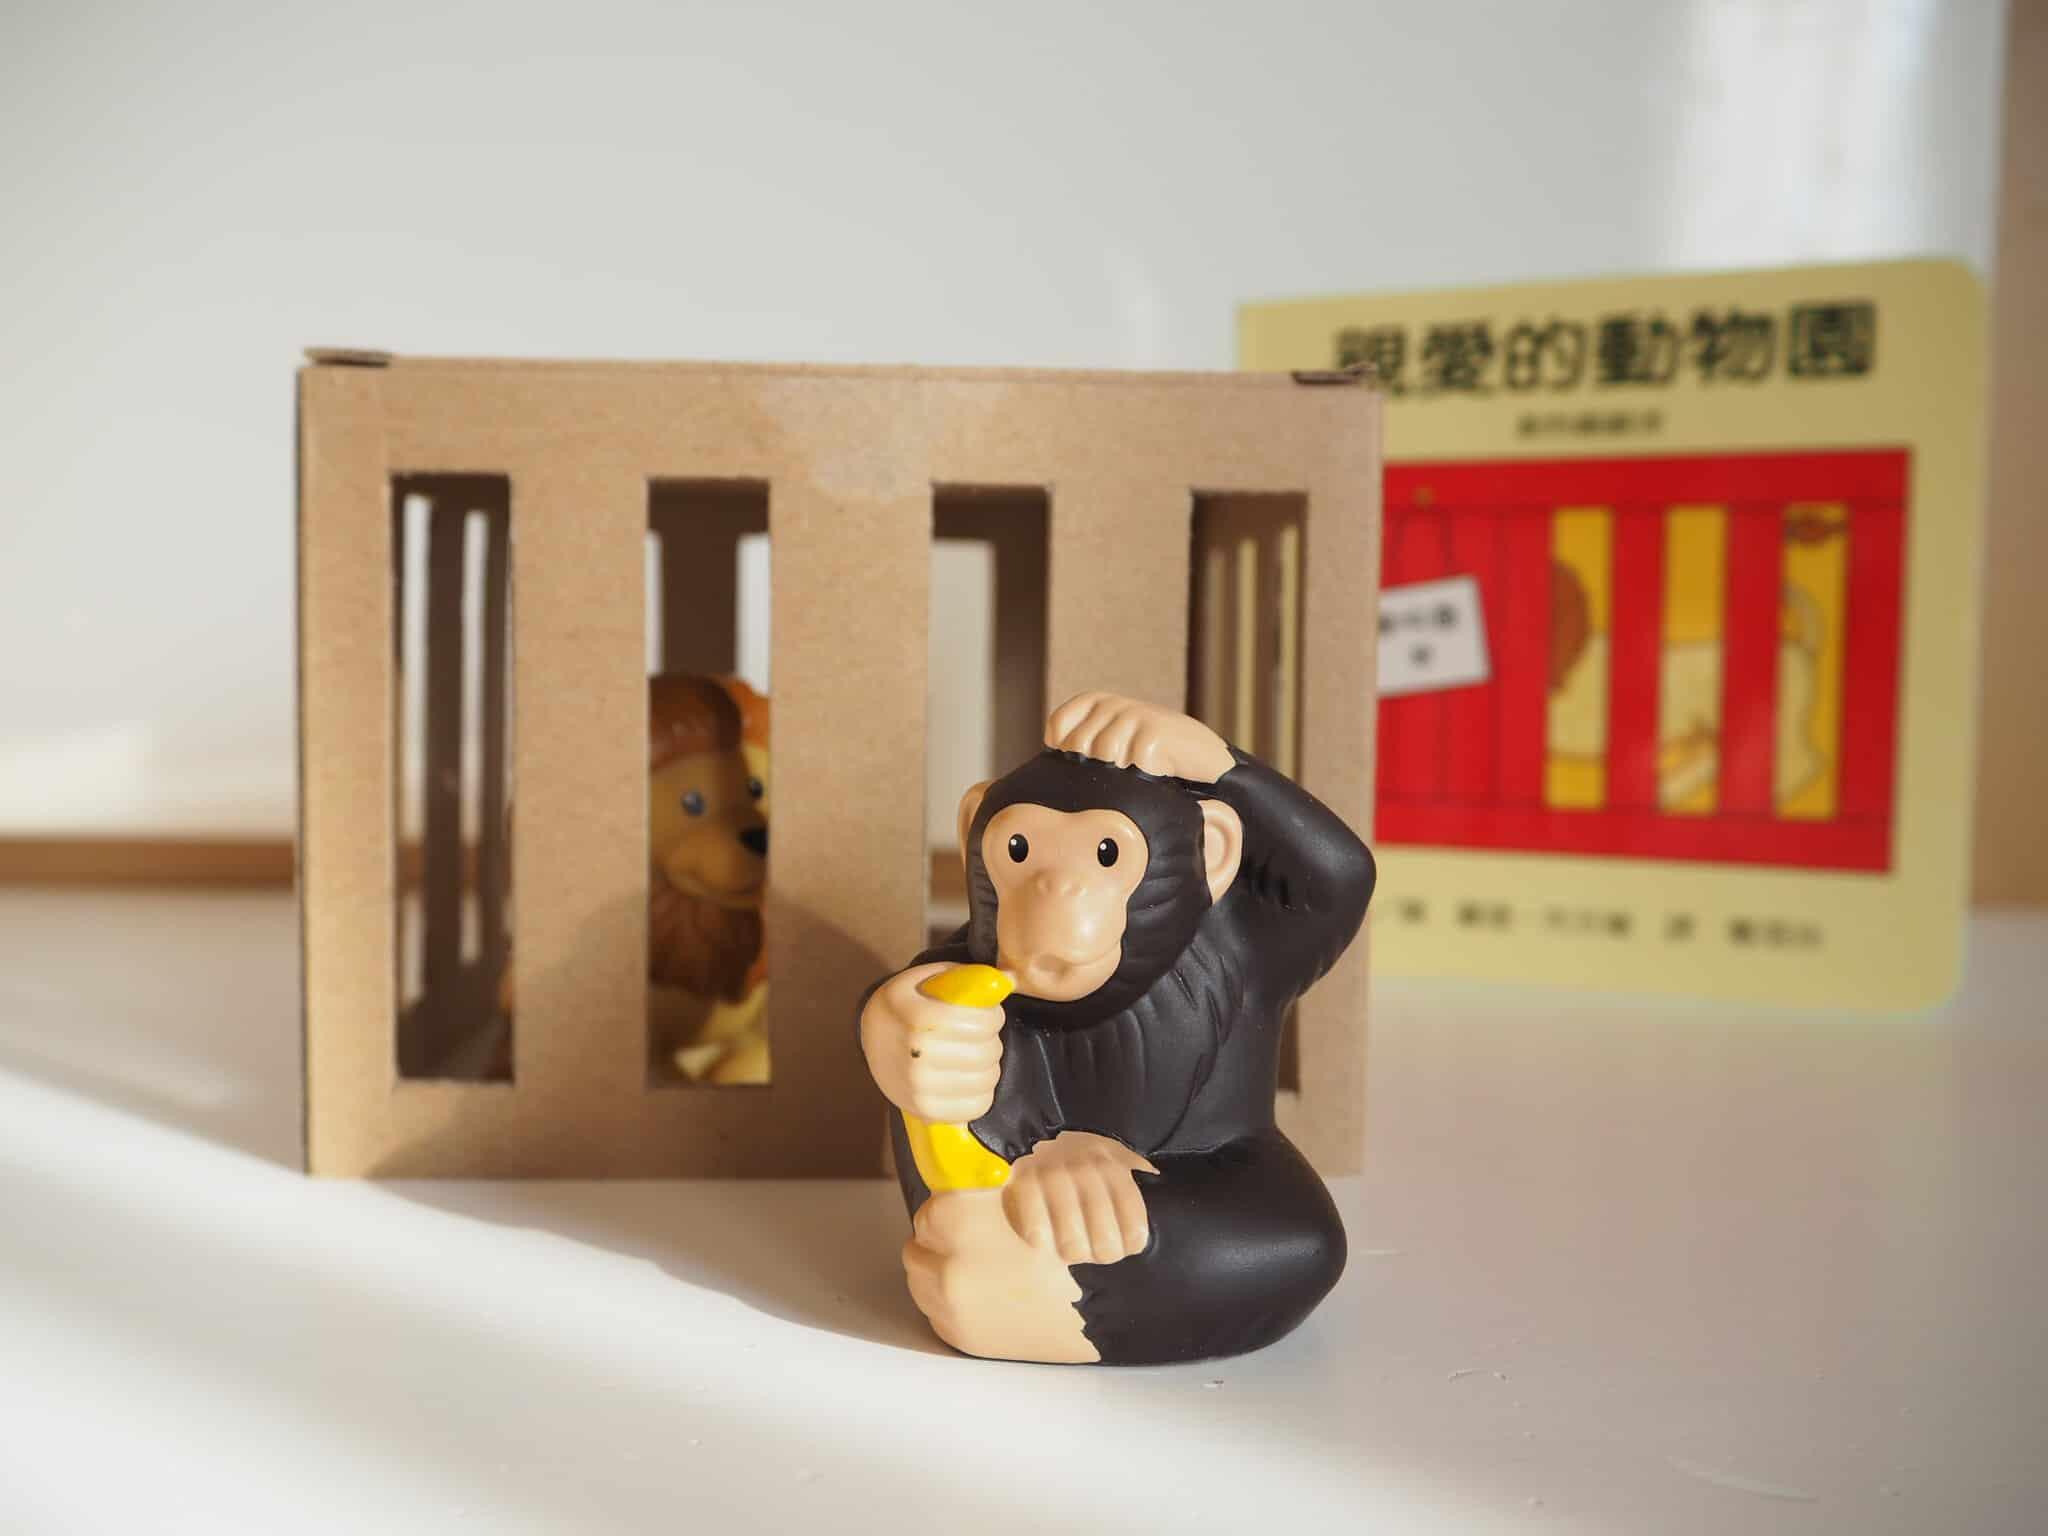 親愛的動物園 Dear Zoo -籠子篇 繪本情境遊戲